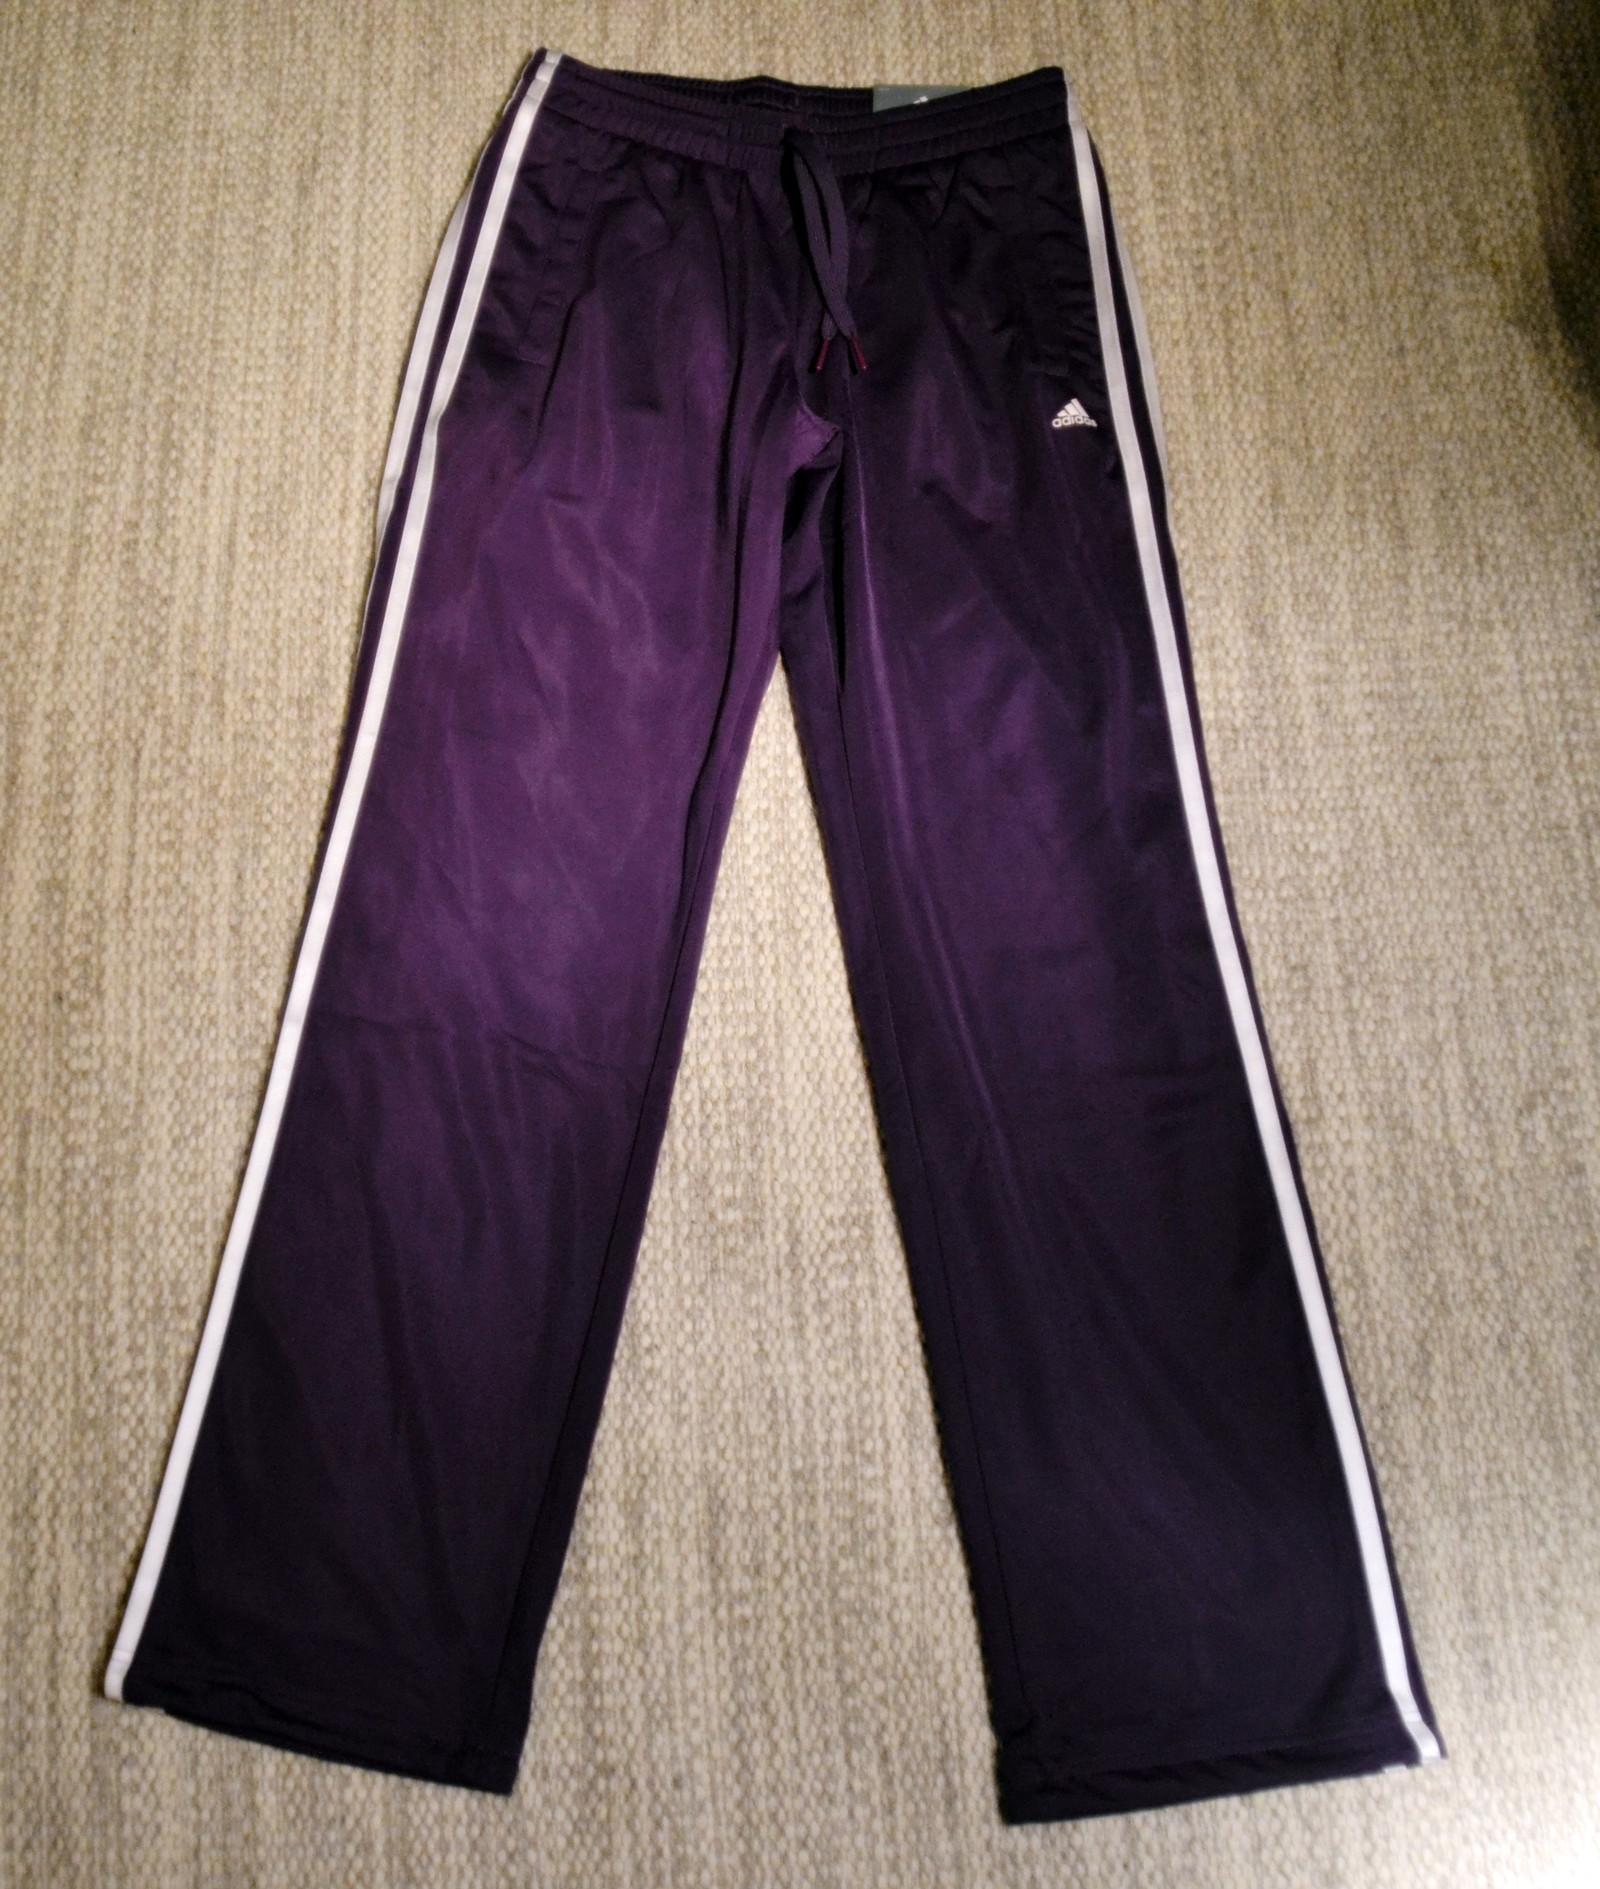 Adidas bukse. Str S. | FINN.no